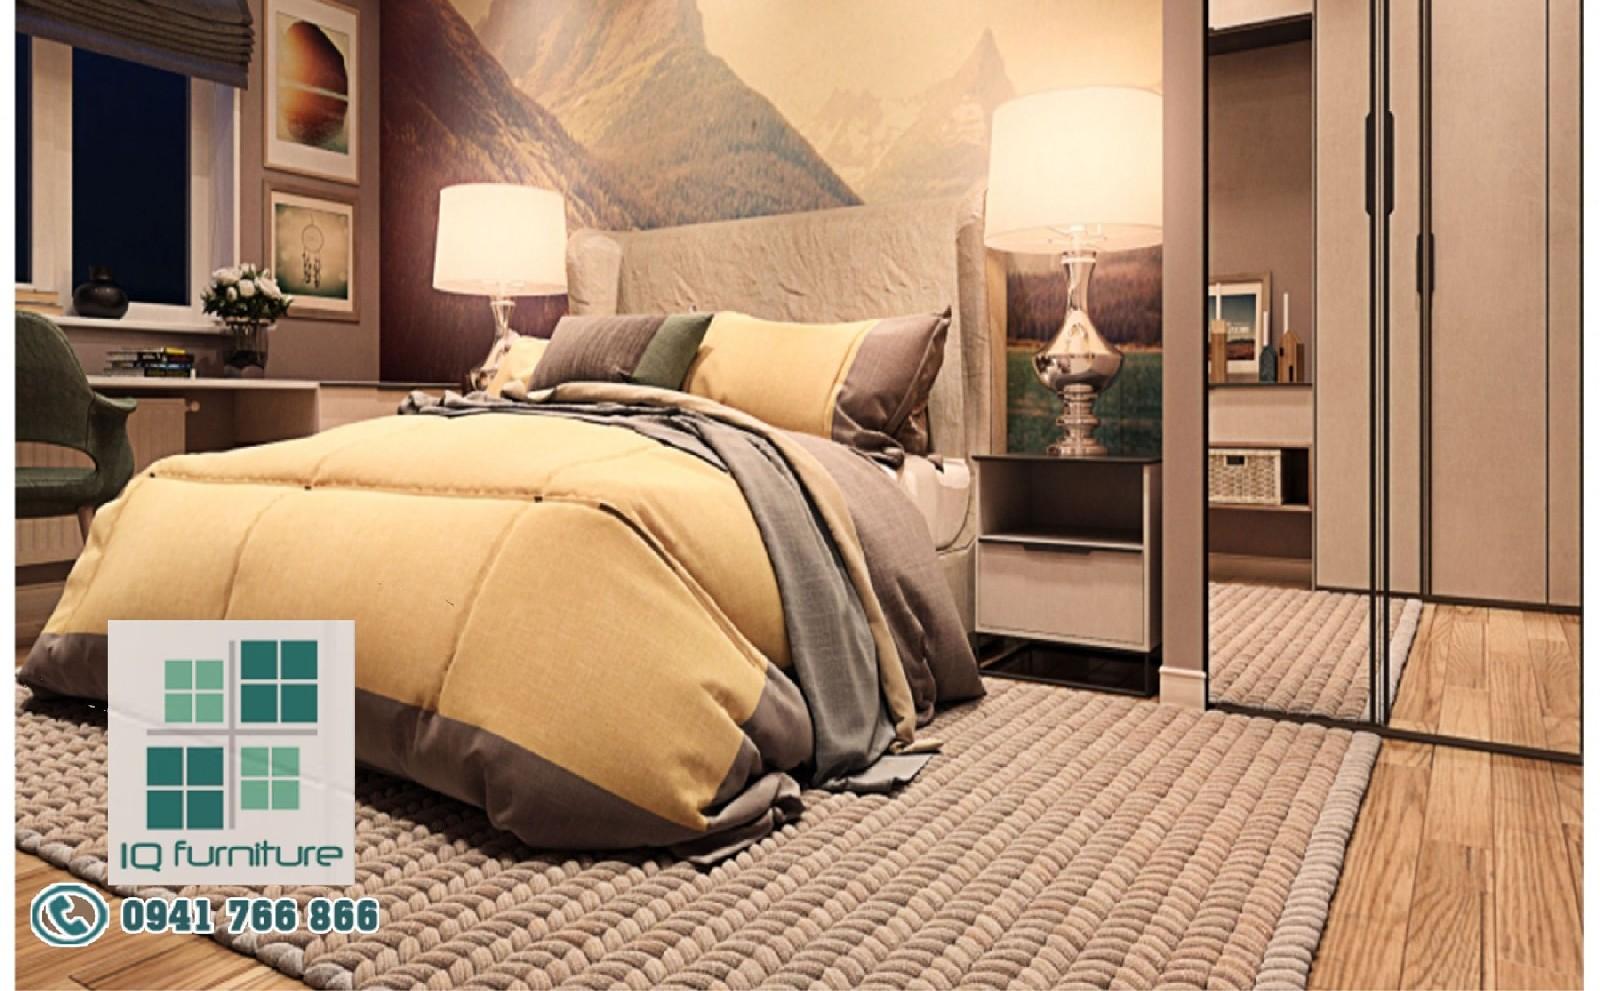 Xu hướng thiết kế nội thất phòng ngủ đẹp Hải Phòng